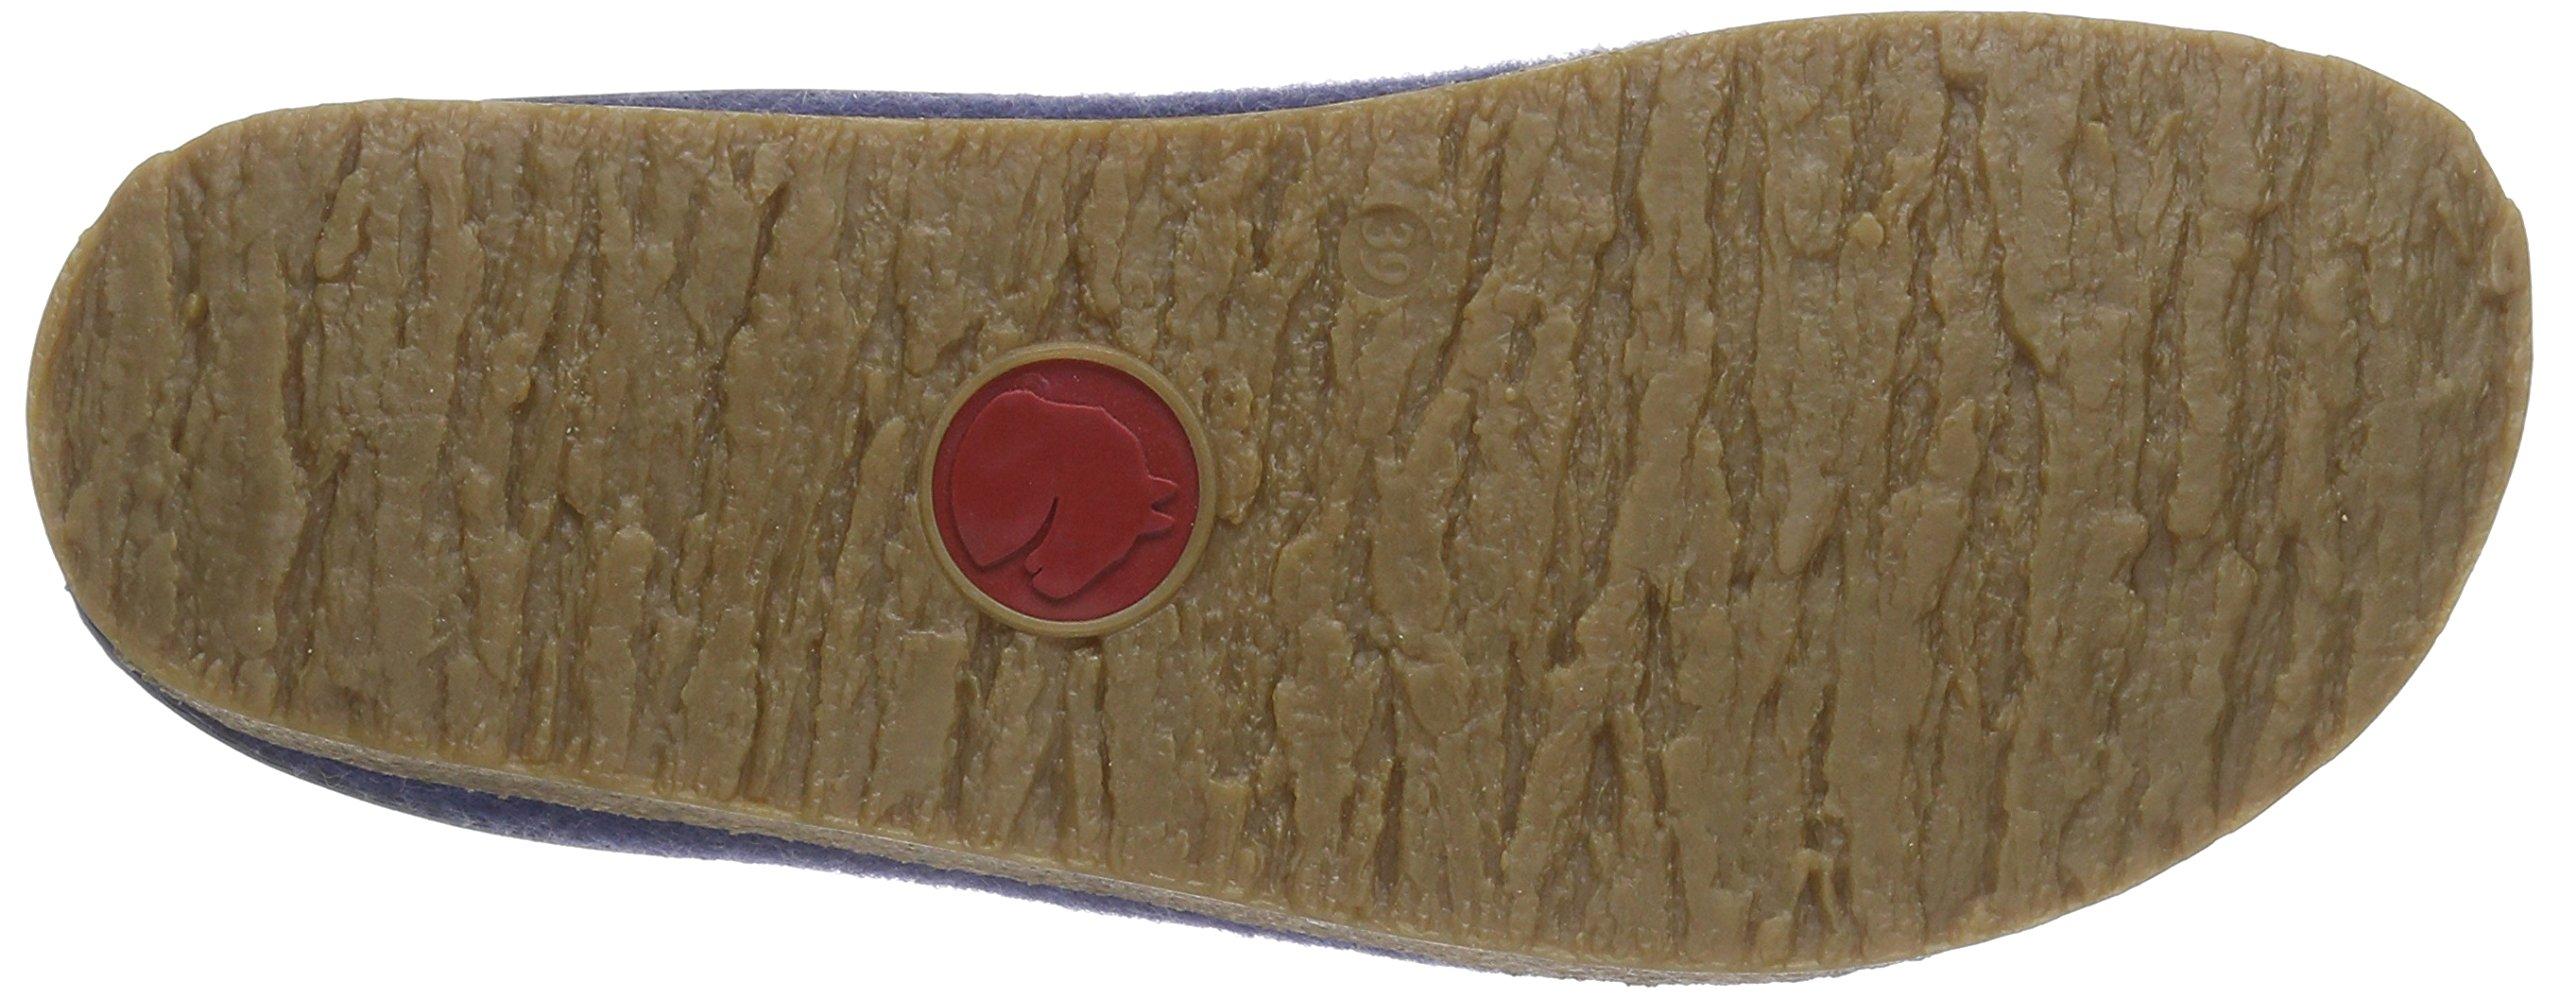 Haflinger 713001 Slippers, Filztoffel Grizzly Torben, Jeans, Gr 50 by Haflinger (Image #3)